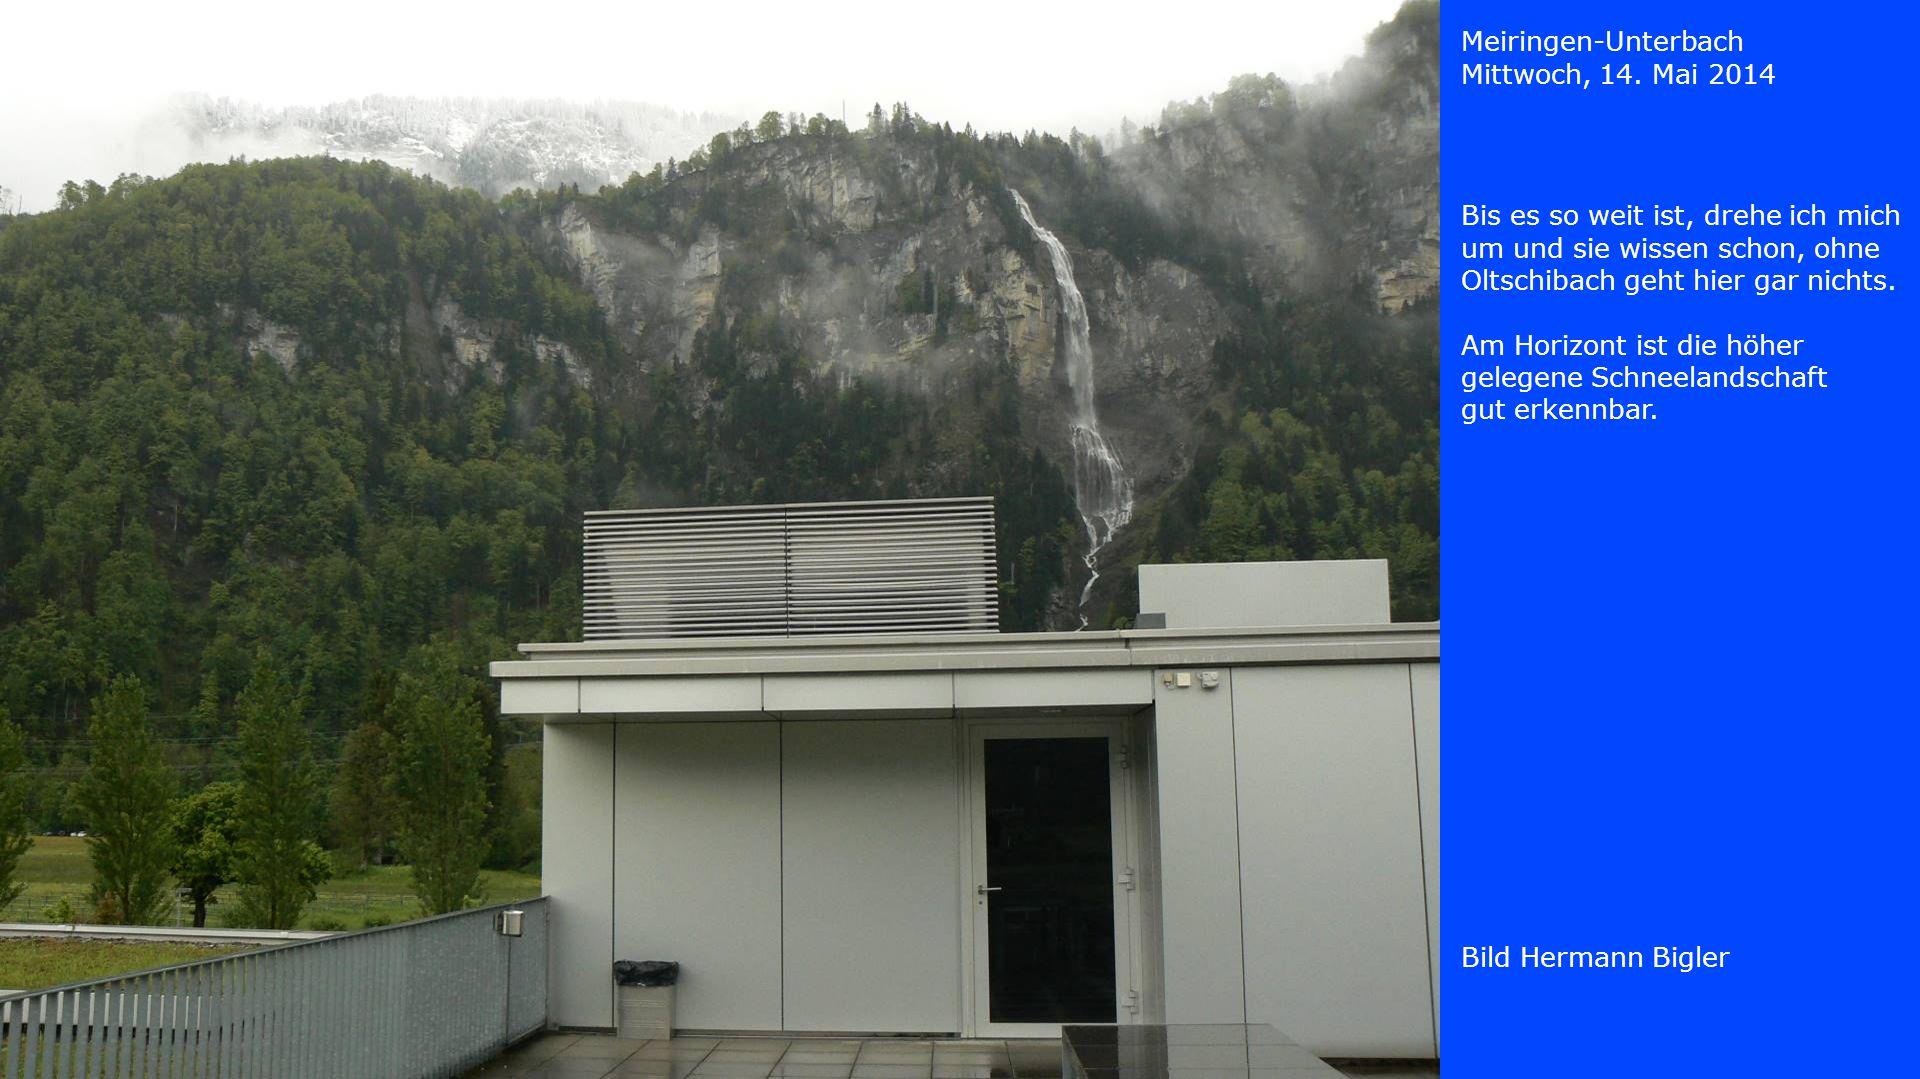 Meiringen-Unterbach Mittwoch, 14. Mai 2014. Bis es so weit ist, drehe ich mich um und sie wissen schon, ohne Oltschibach geht hier gar nichts.